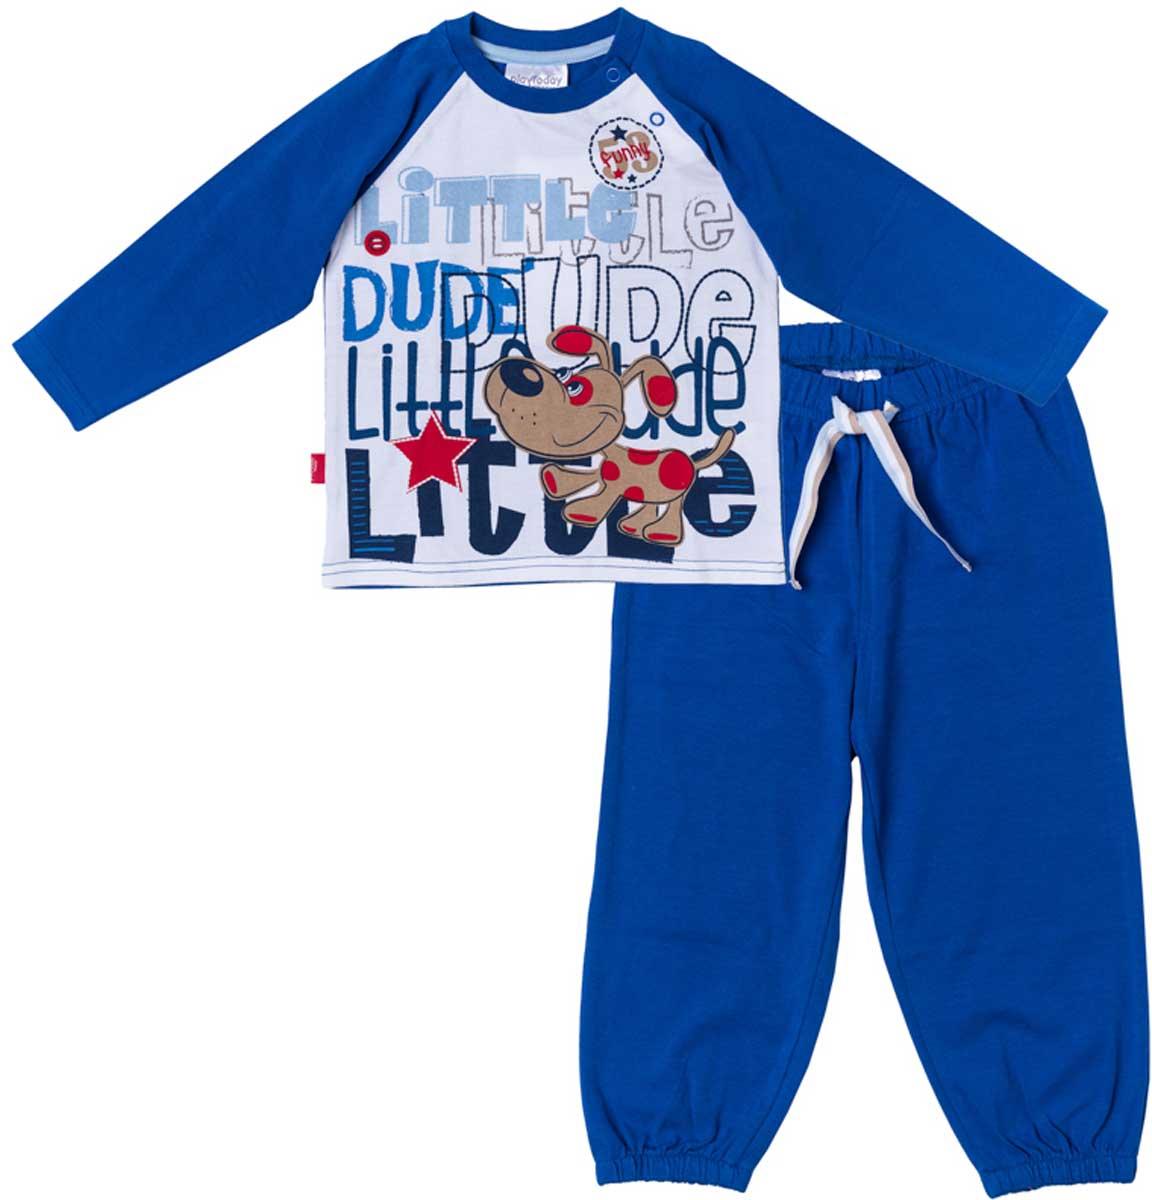 Комплект одежды177029Комплект для мальчика PlayToday состоящий из лонгслива и брюк прекрасно подойдет как для домашнего использования, так и для прогулок на свежем воздухе. Мягкий, приятный к телу материал не сковывает движений. Яркий стильный принт является достойным украшением данного изделия. Брюки на мягкой удобной резинке с удобным регулируемым шнуром - кулиской. Низ брючин отделан мягкими резинками. Для удобства снимания и одевания на горловине расположены две застежки - кнопки.